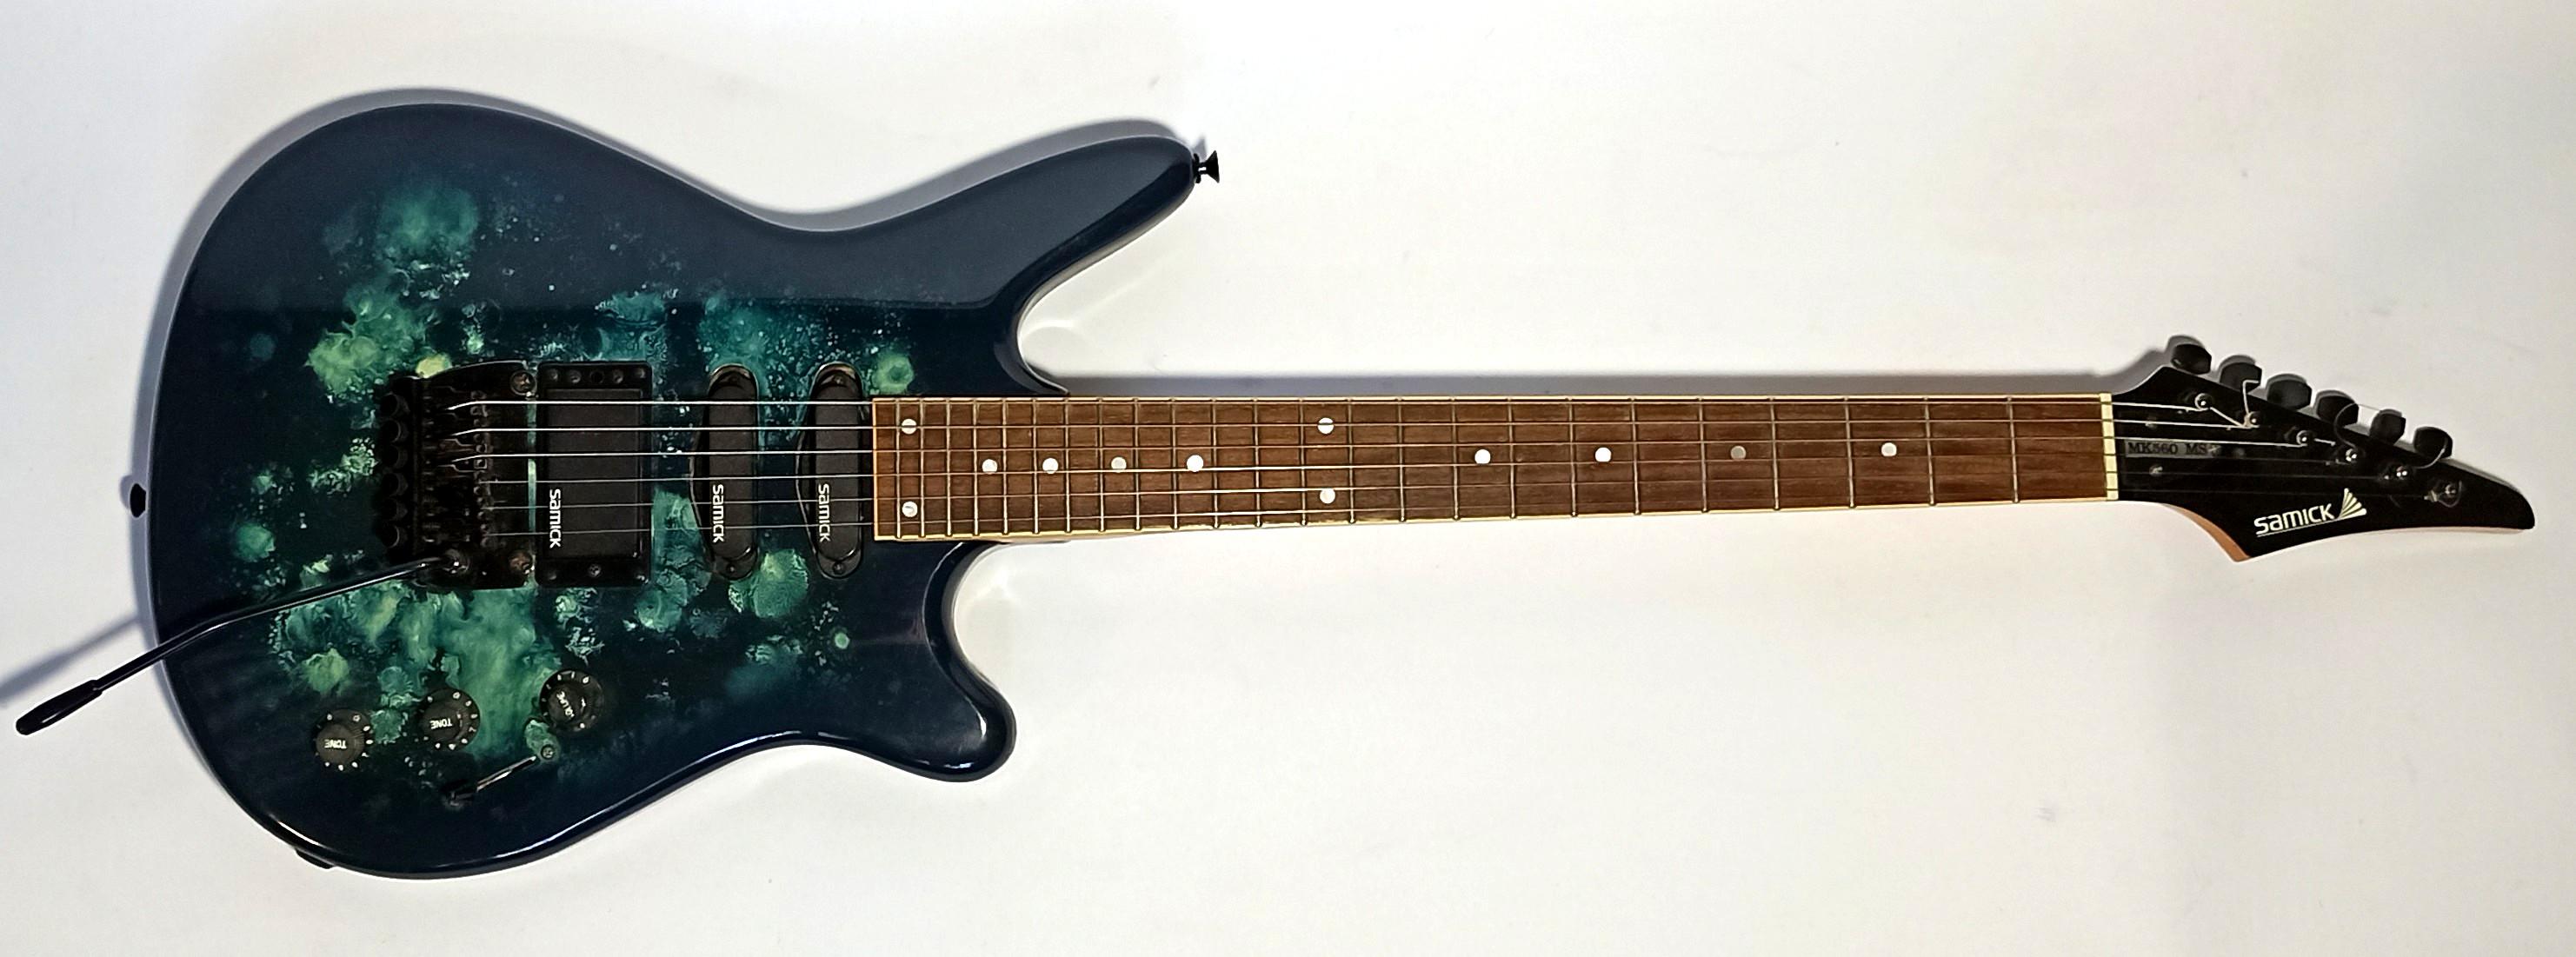 E-Gitarre SAMICK MK 560 MS, gebraucht